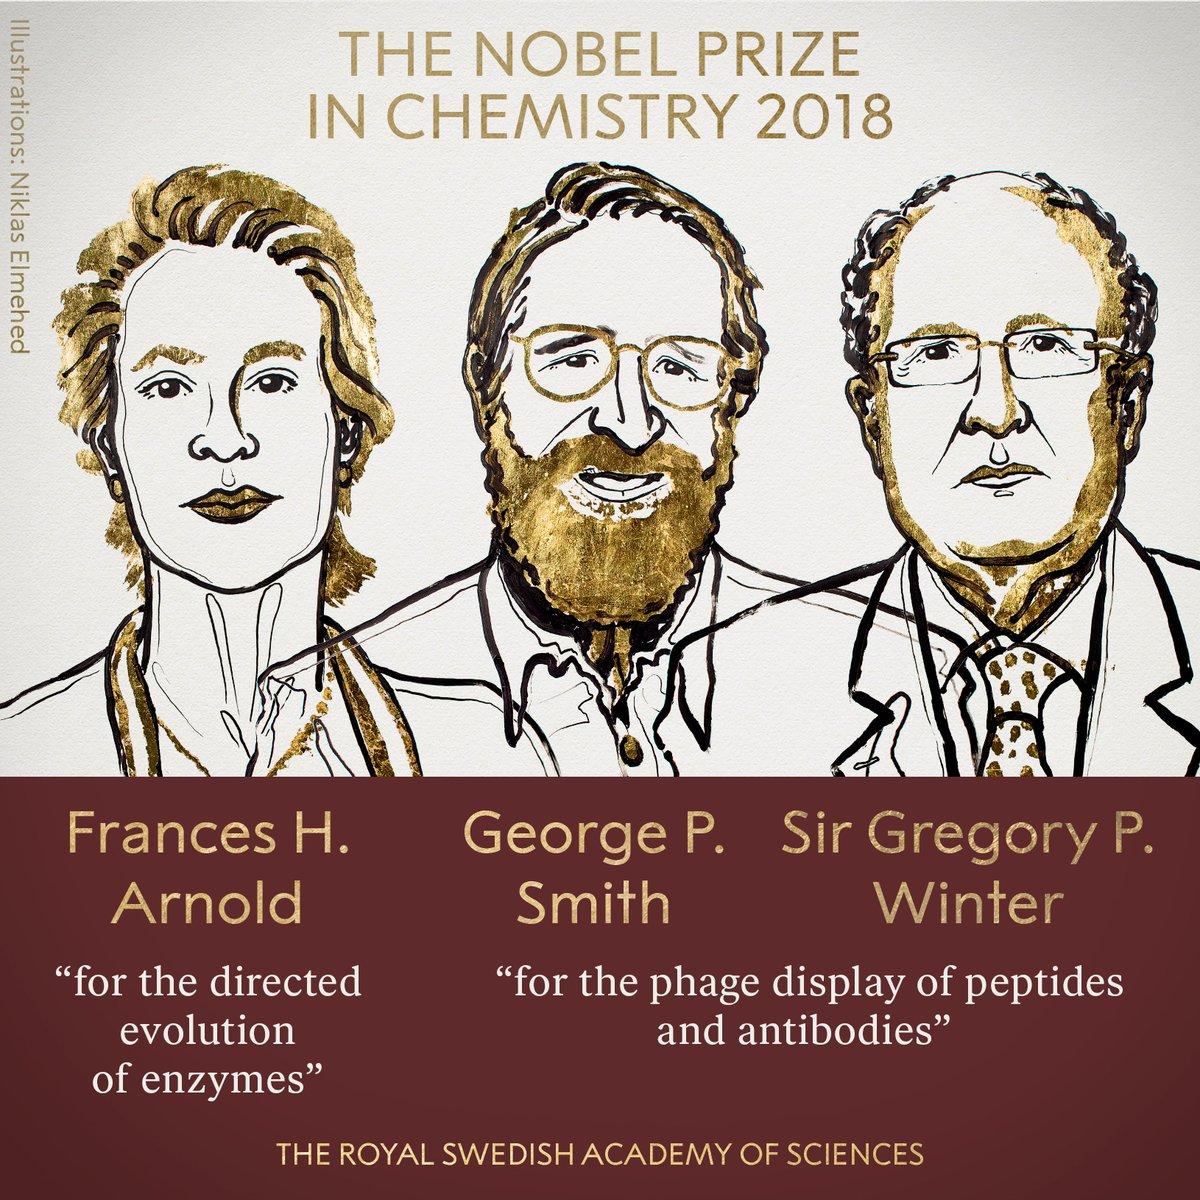 Fehérjekutatásokért jár az idei kémiai Nobel-díj